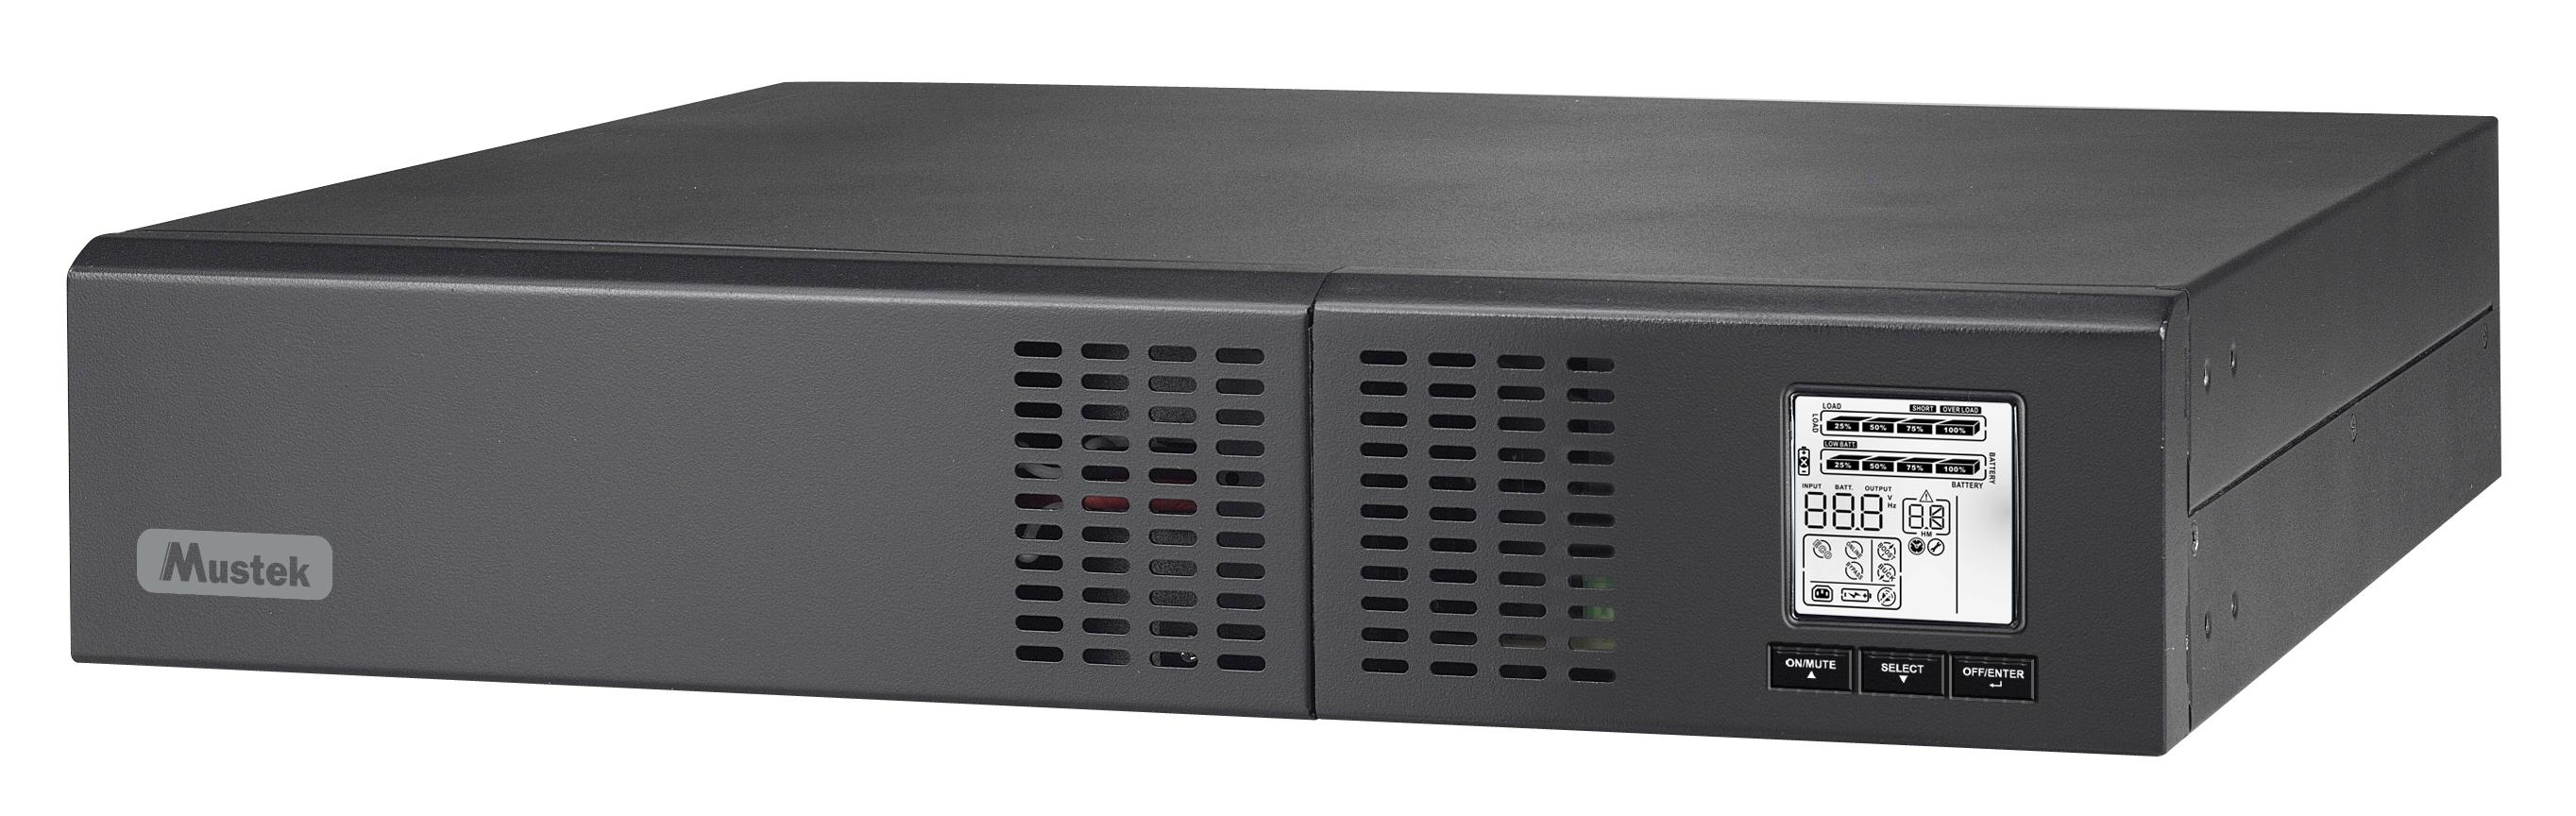 UPS Mustek PowerMust 1500 NetGuard LCD 1500VA